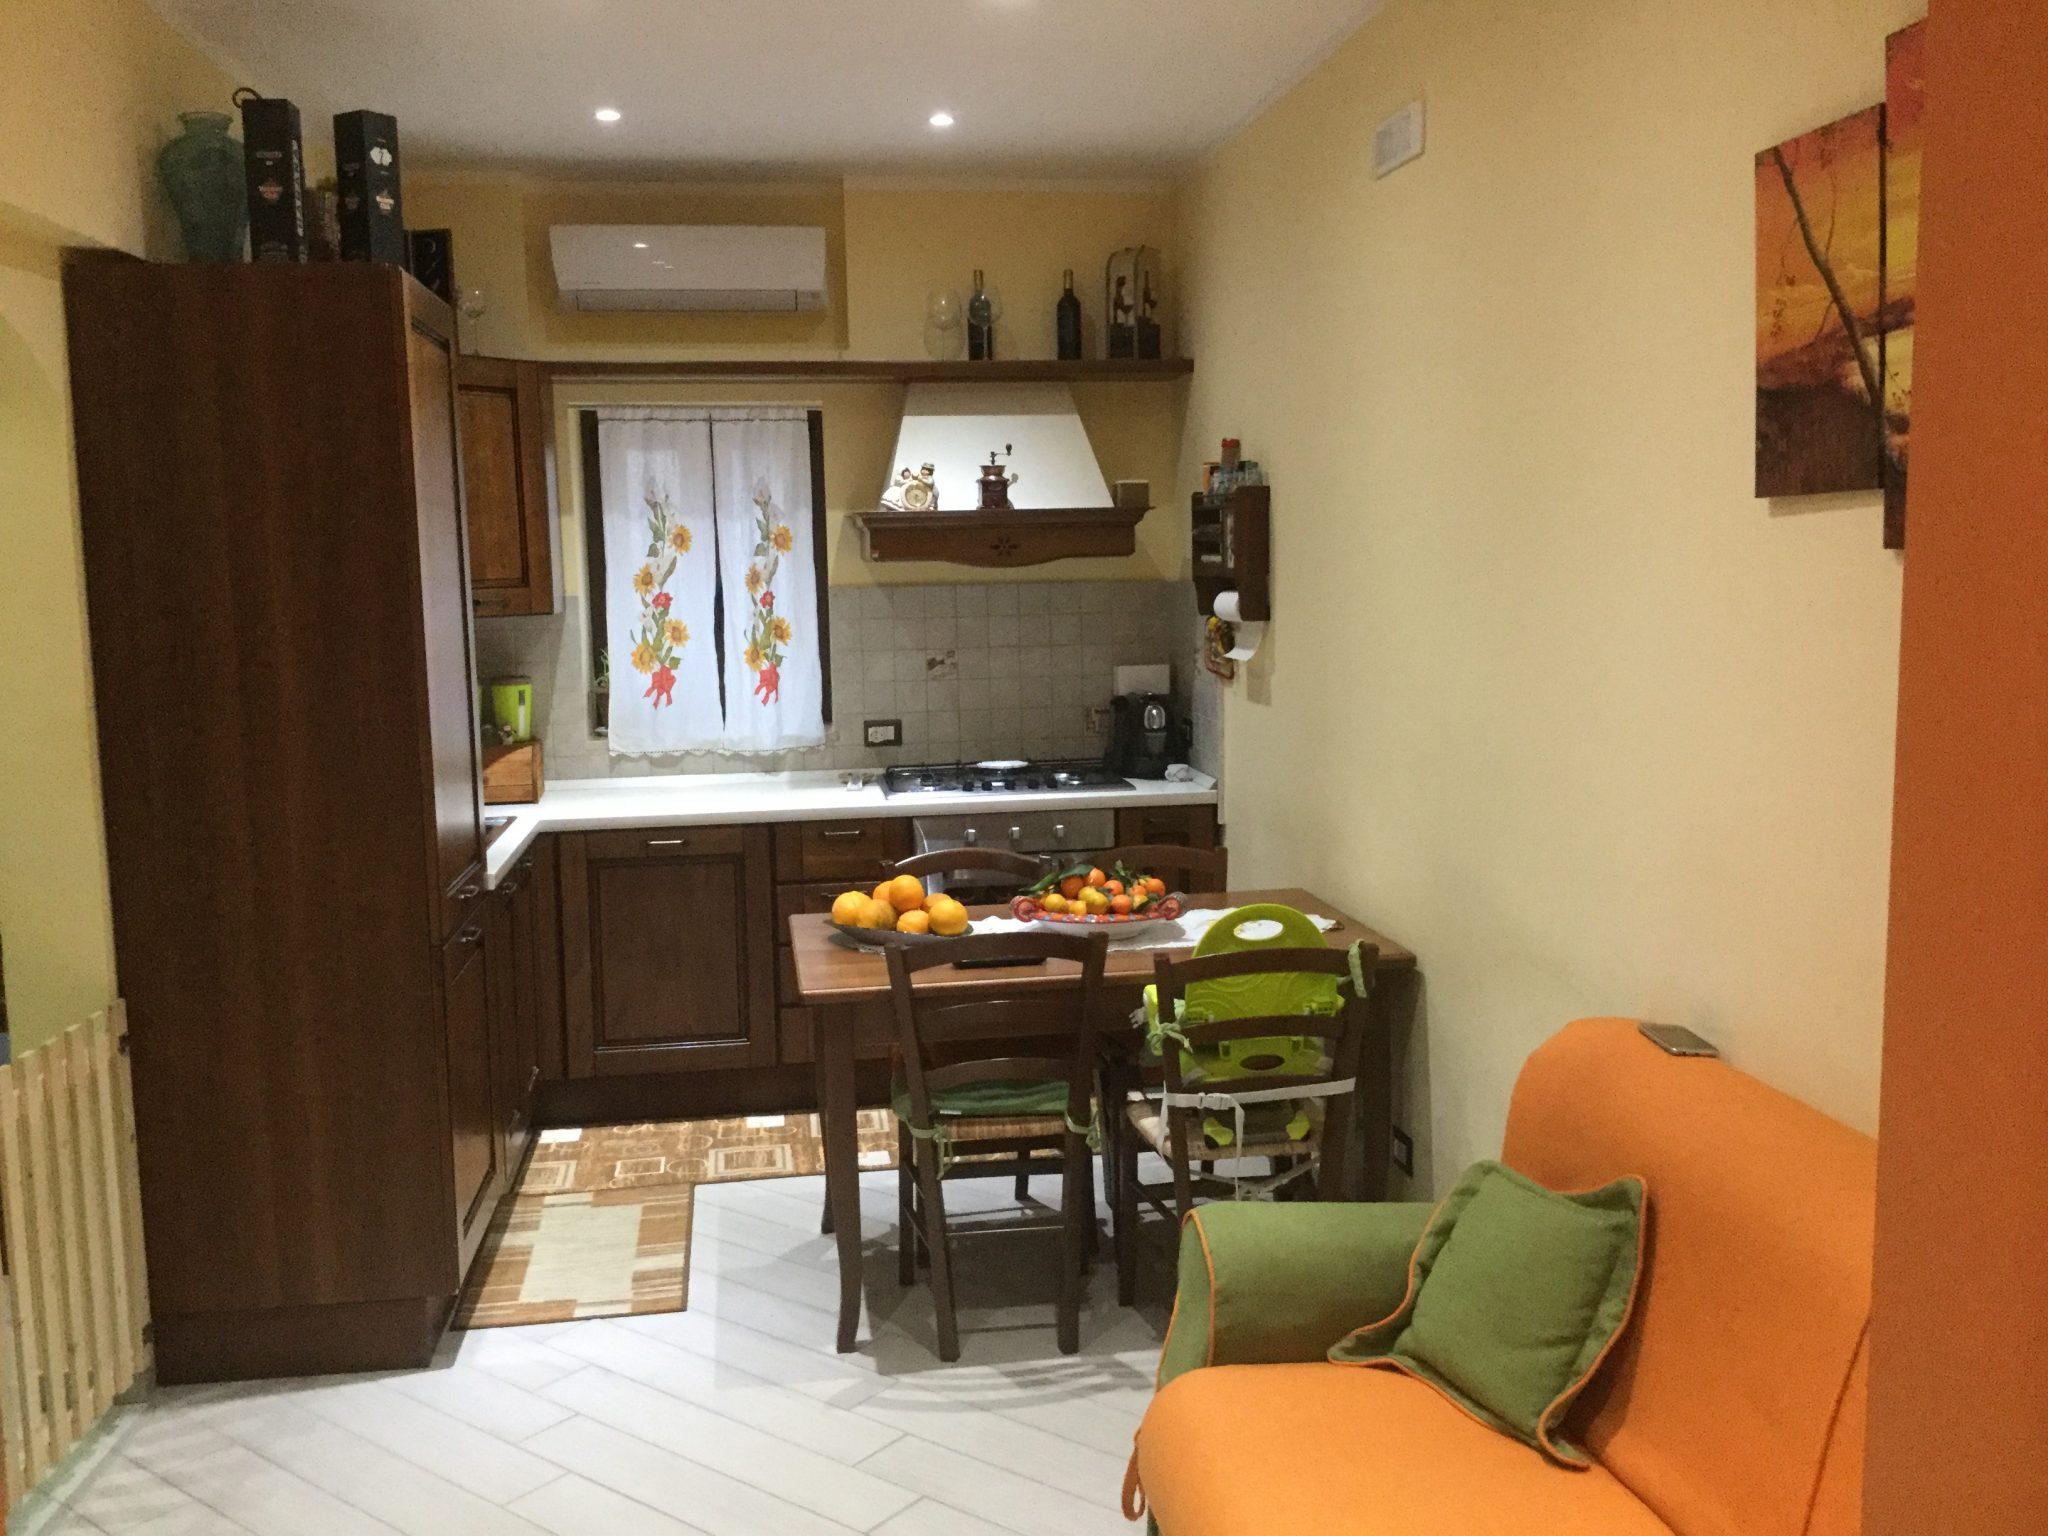 077 - Appartamento ristrutturato, via Mandralisca,43- Cefalù